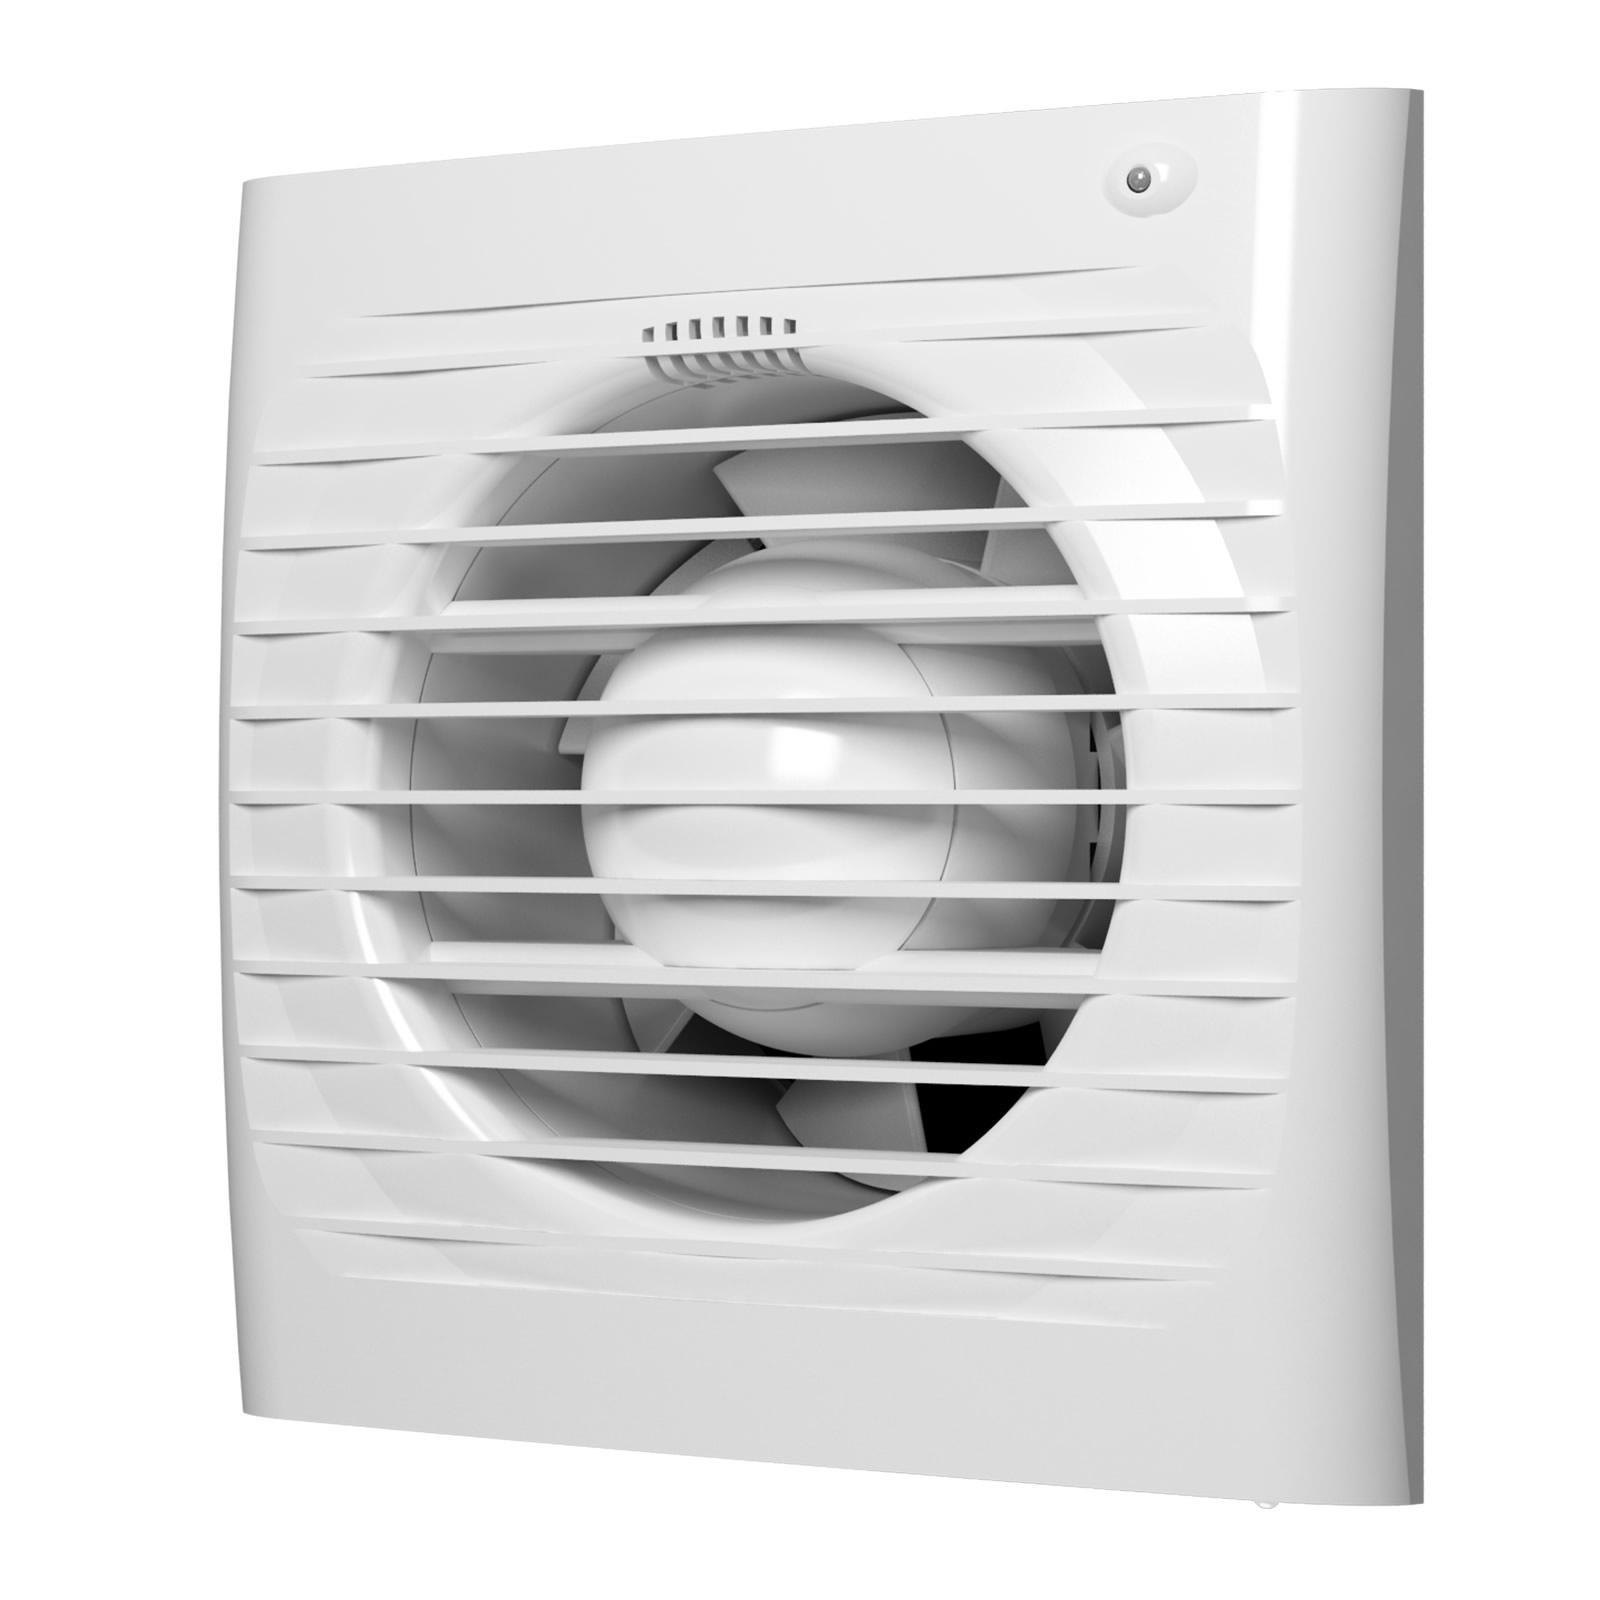 Вентилятор Era '4c gd бренд gd280 термопасты смазка силиконовая теплоотвод соединение белый вес нетто 150 грамм для cpu кулер вентилятор может cn150